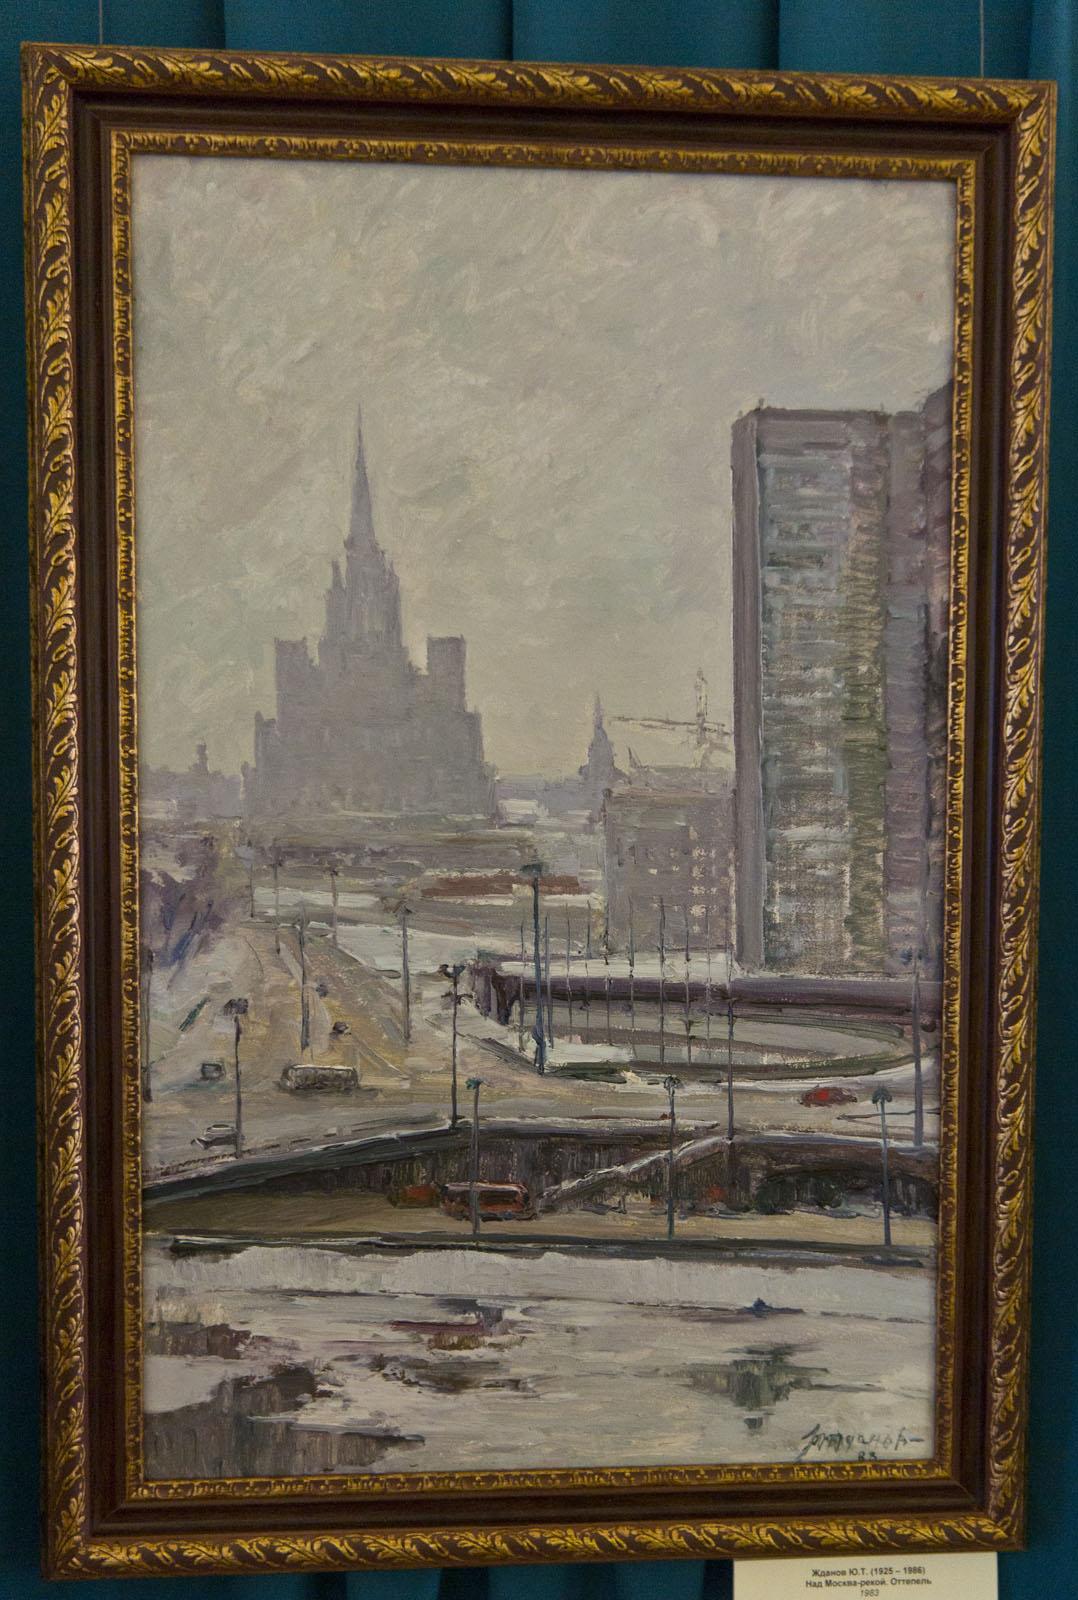 Фото №79874. Над Москвой-рекой. Оттепель. 1983. Жданов Ю.Т. (1925-1986)